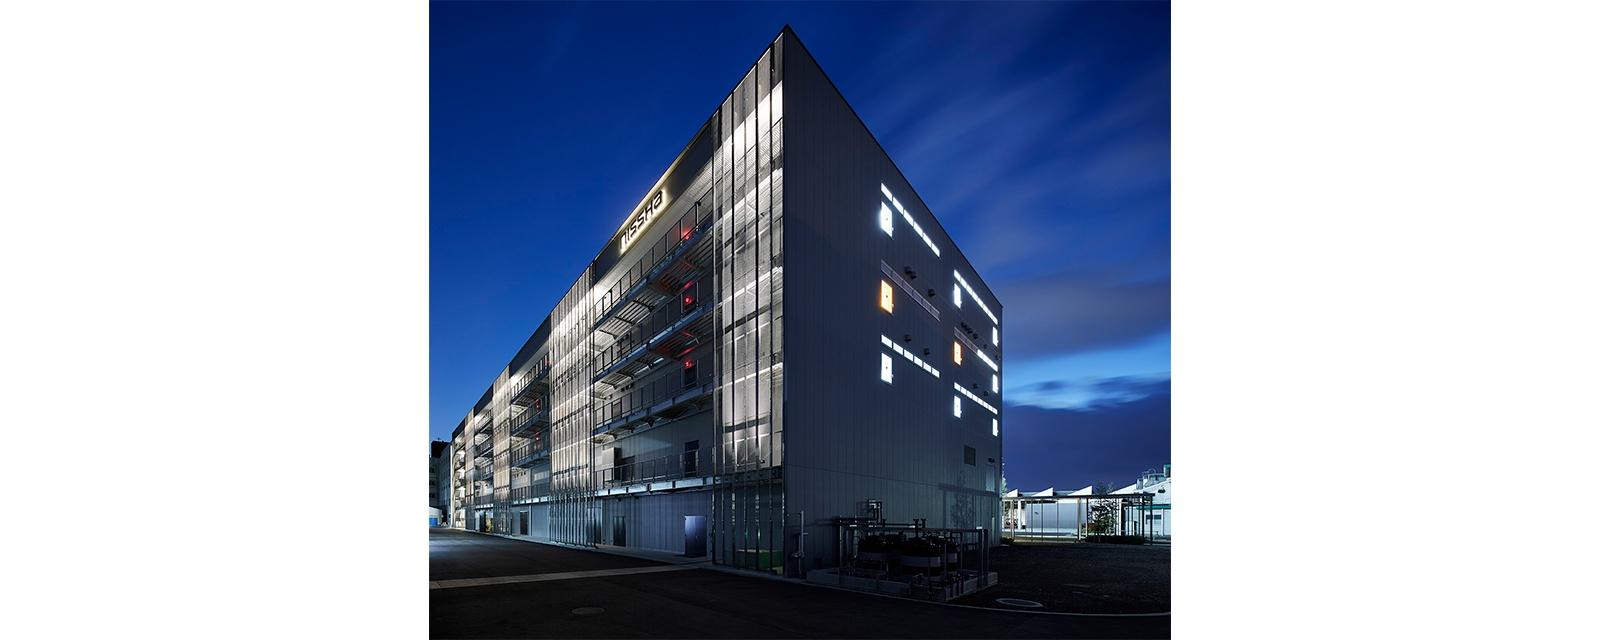 NISSHA Innovation Center Kyoto